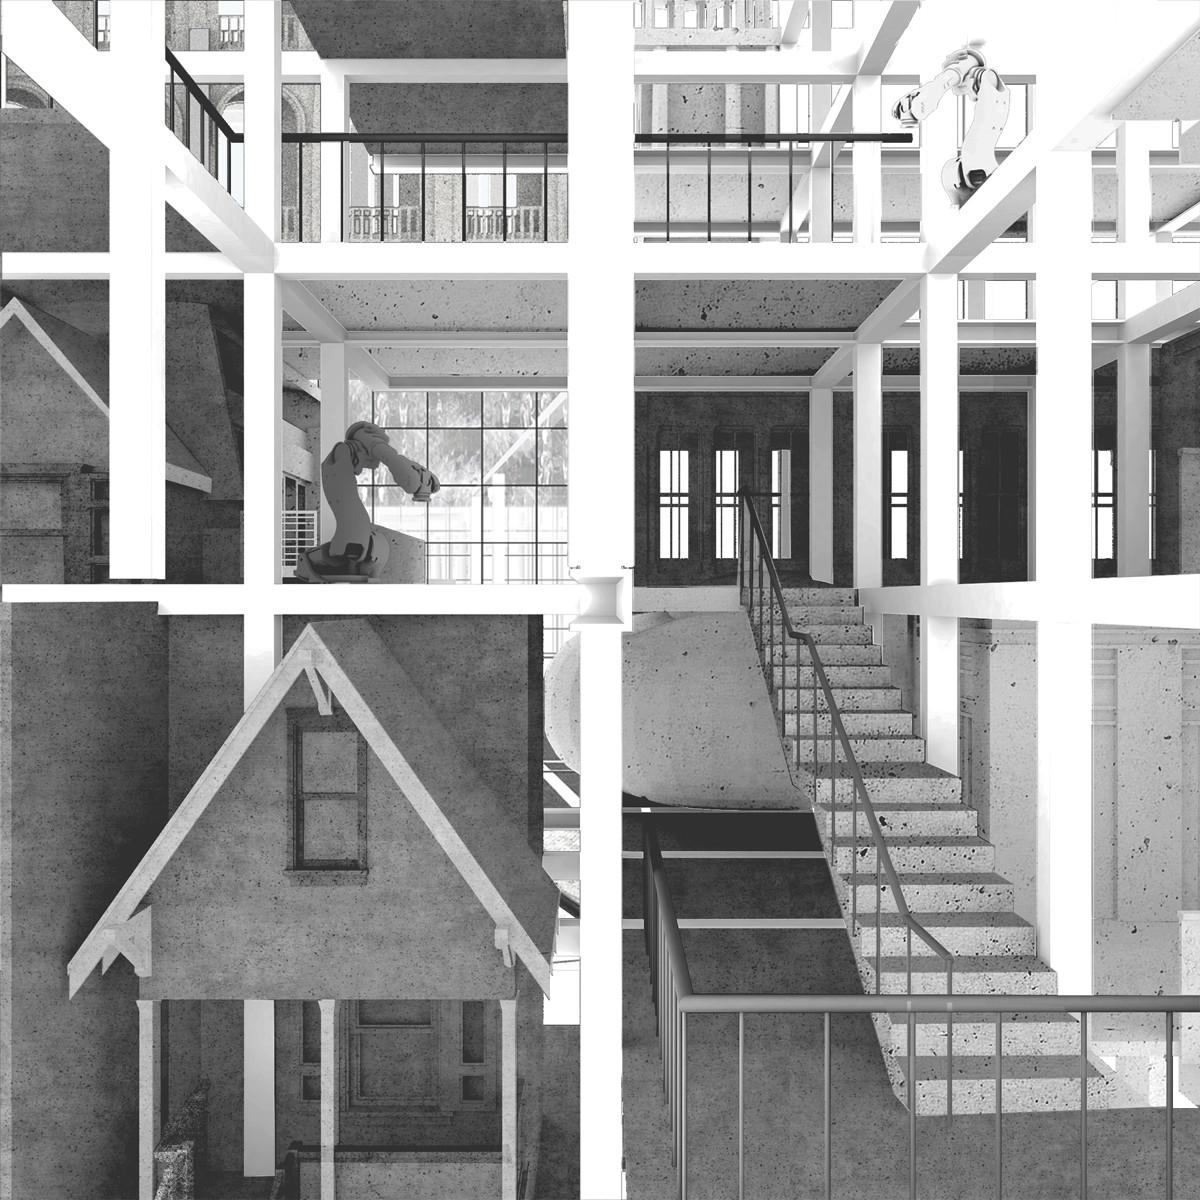 Arte y Arquitectura: Eidos o cuando el deseo se convierte en la Materia por Carlo Bailey & Lorenzo Villaggi, Courtesy of Carlo Bailey & Lorenzo Villaggi